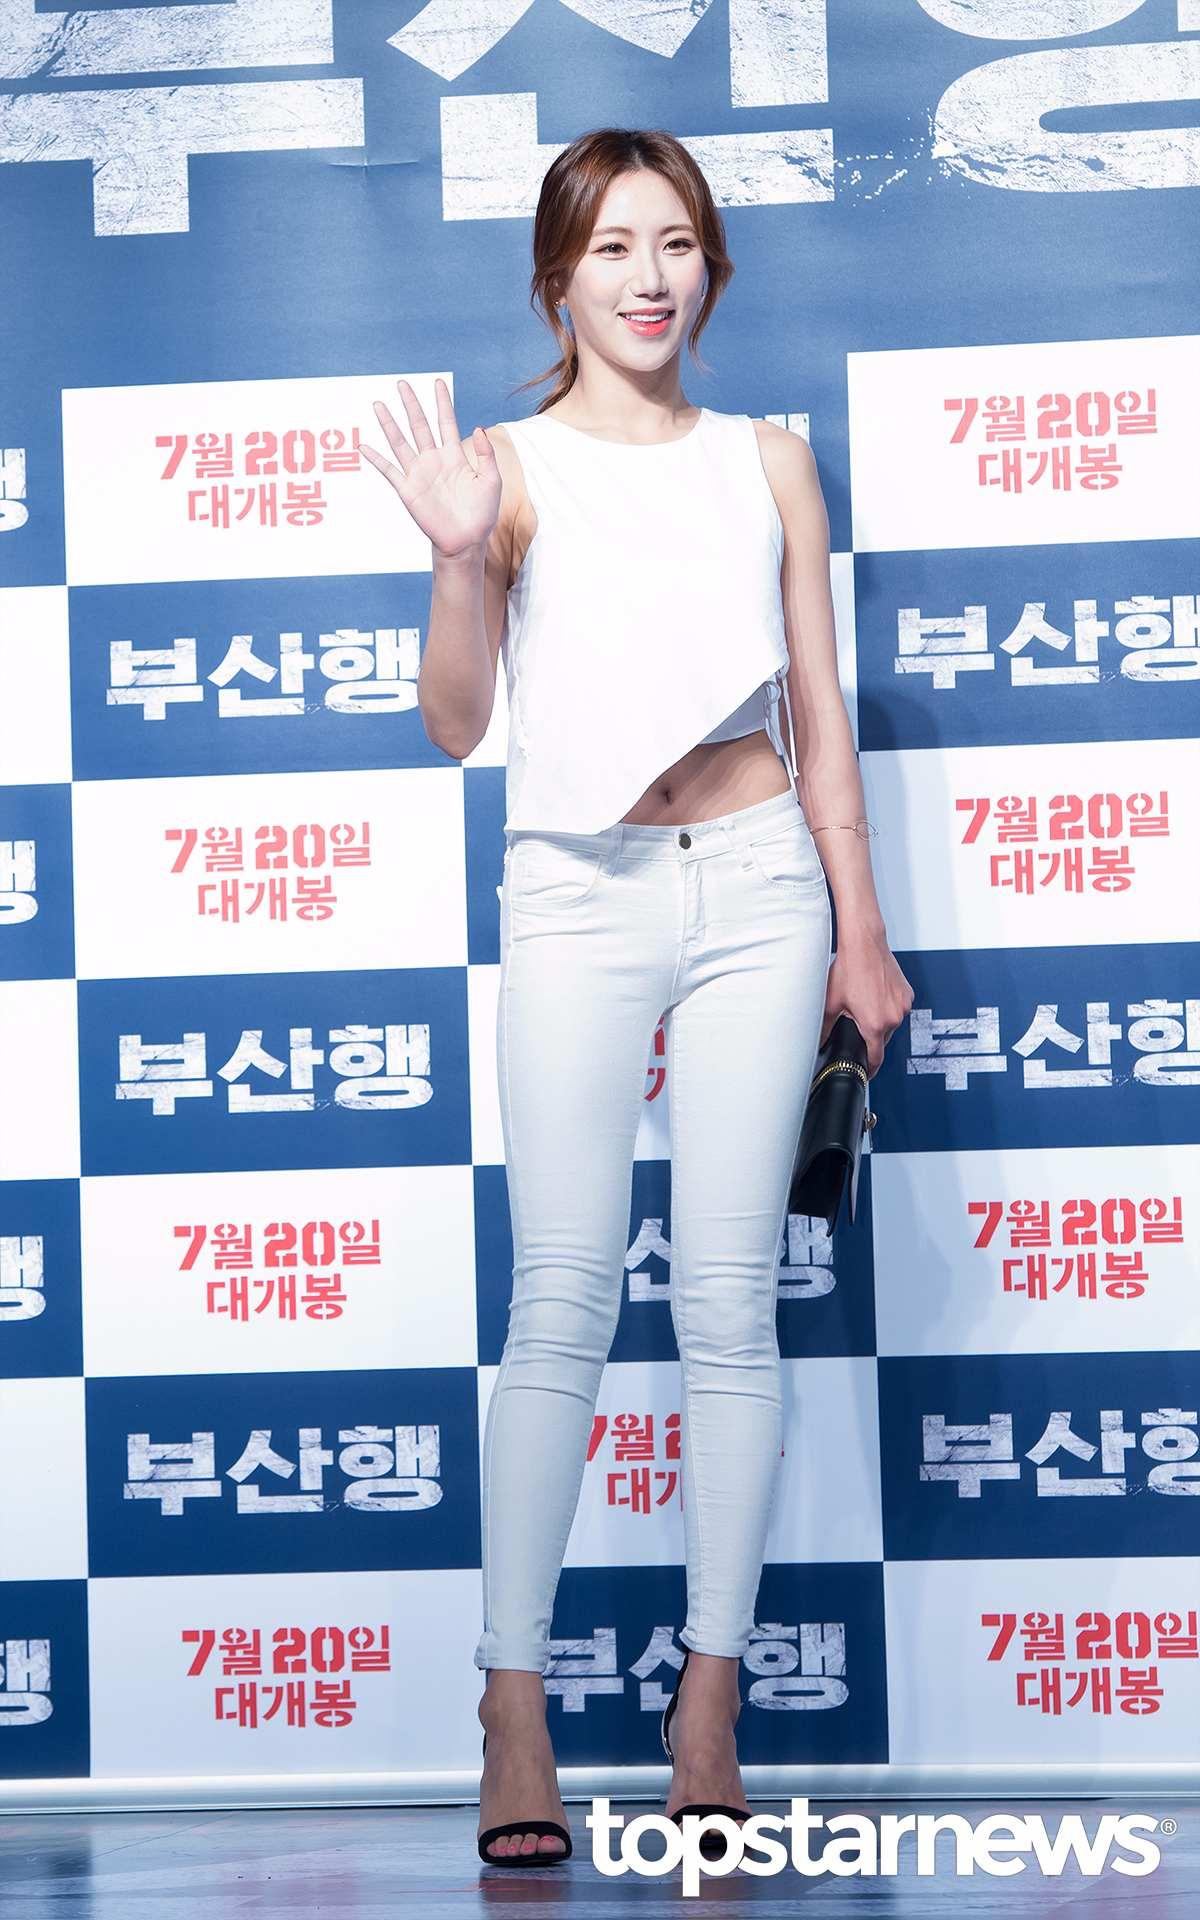 白衣無袖上衣搭配白色緊身褲,視覺上非常的統一,黑色一字帶高跟鞋又讓整體搭配不會顯得單調~